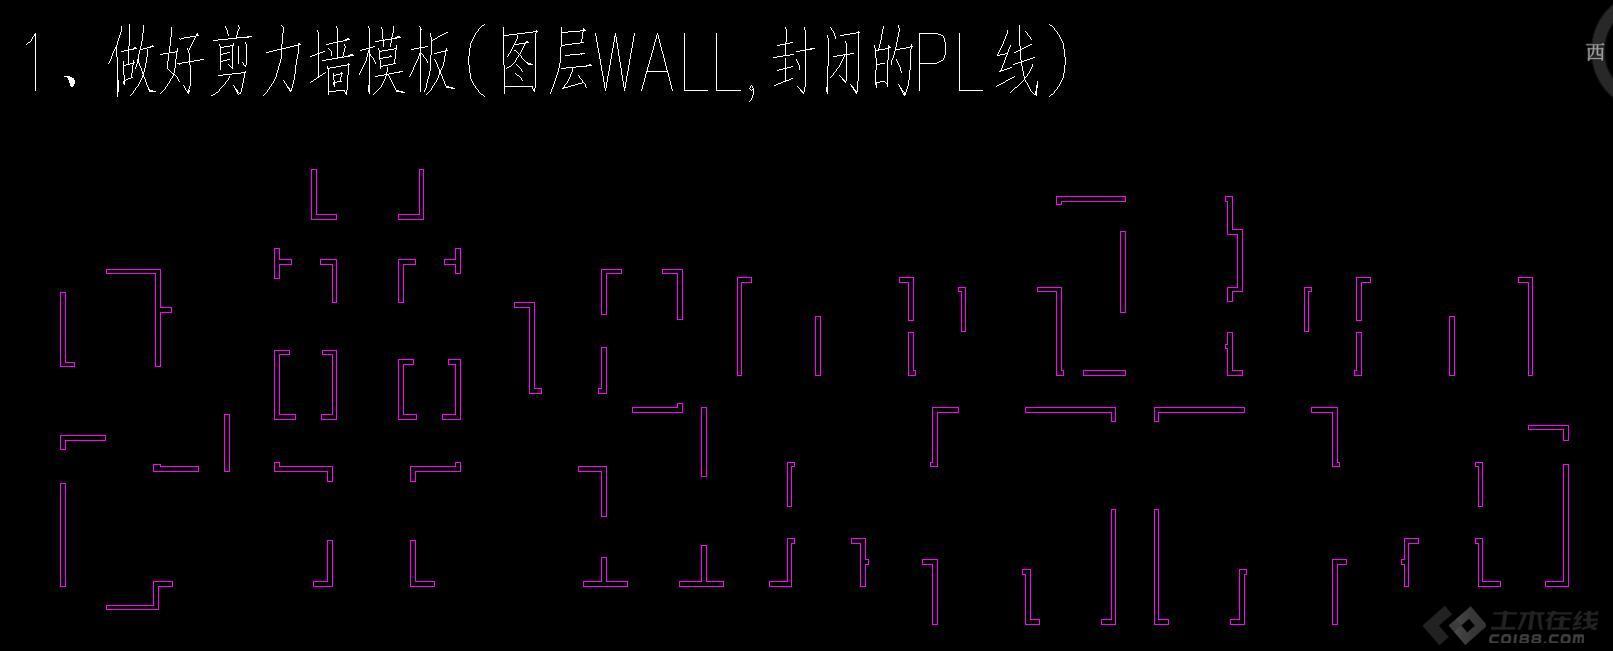 剪力墙结构图片1